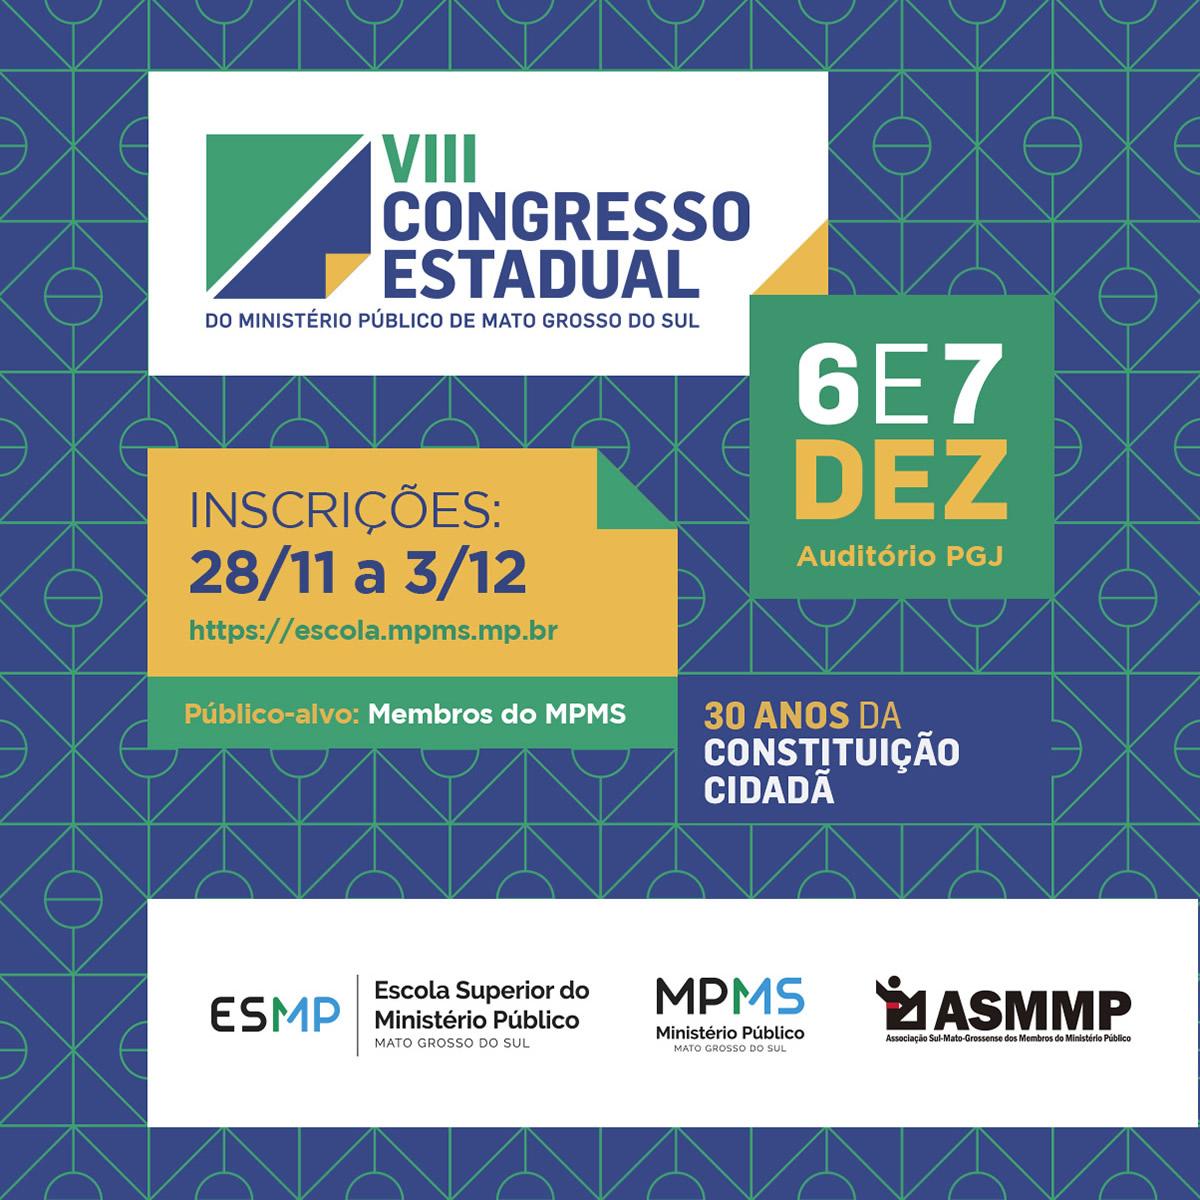 VIII Congresso Estadual